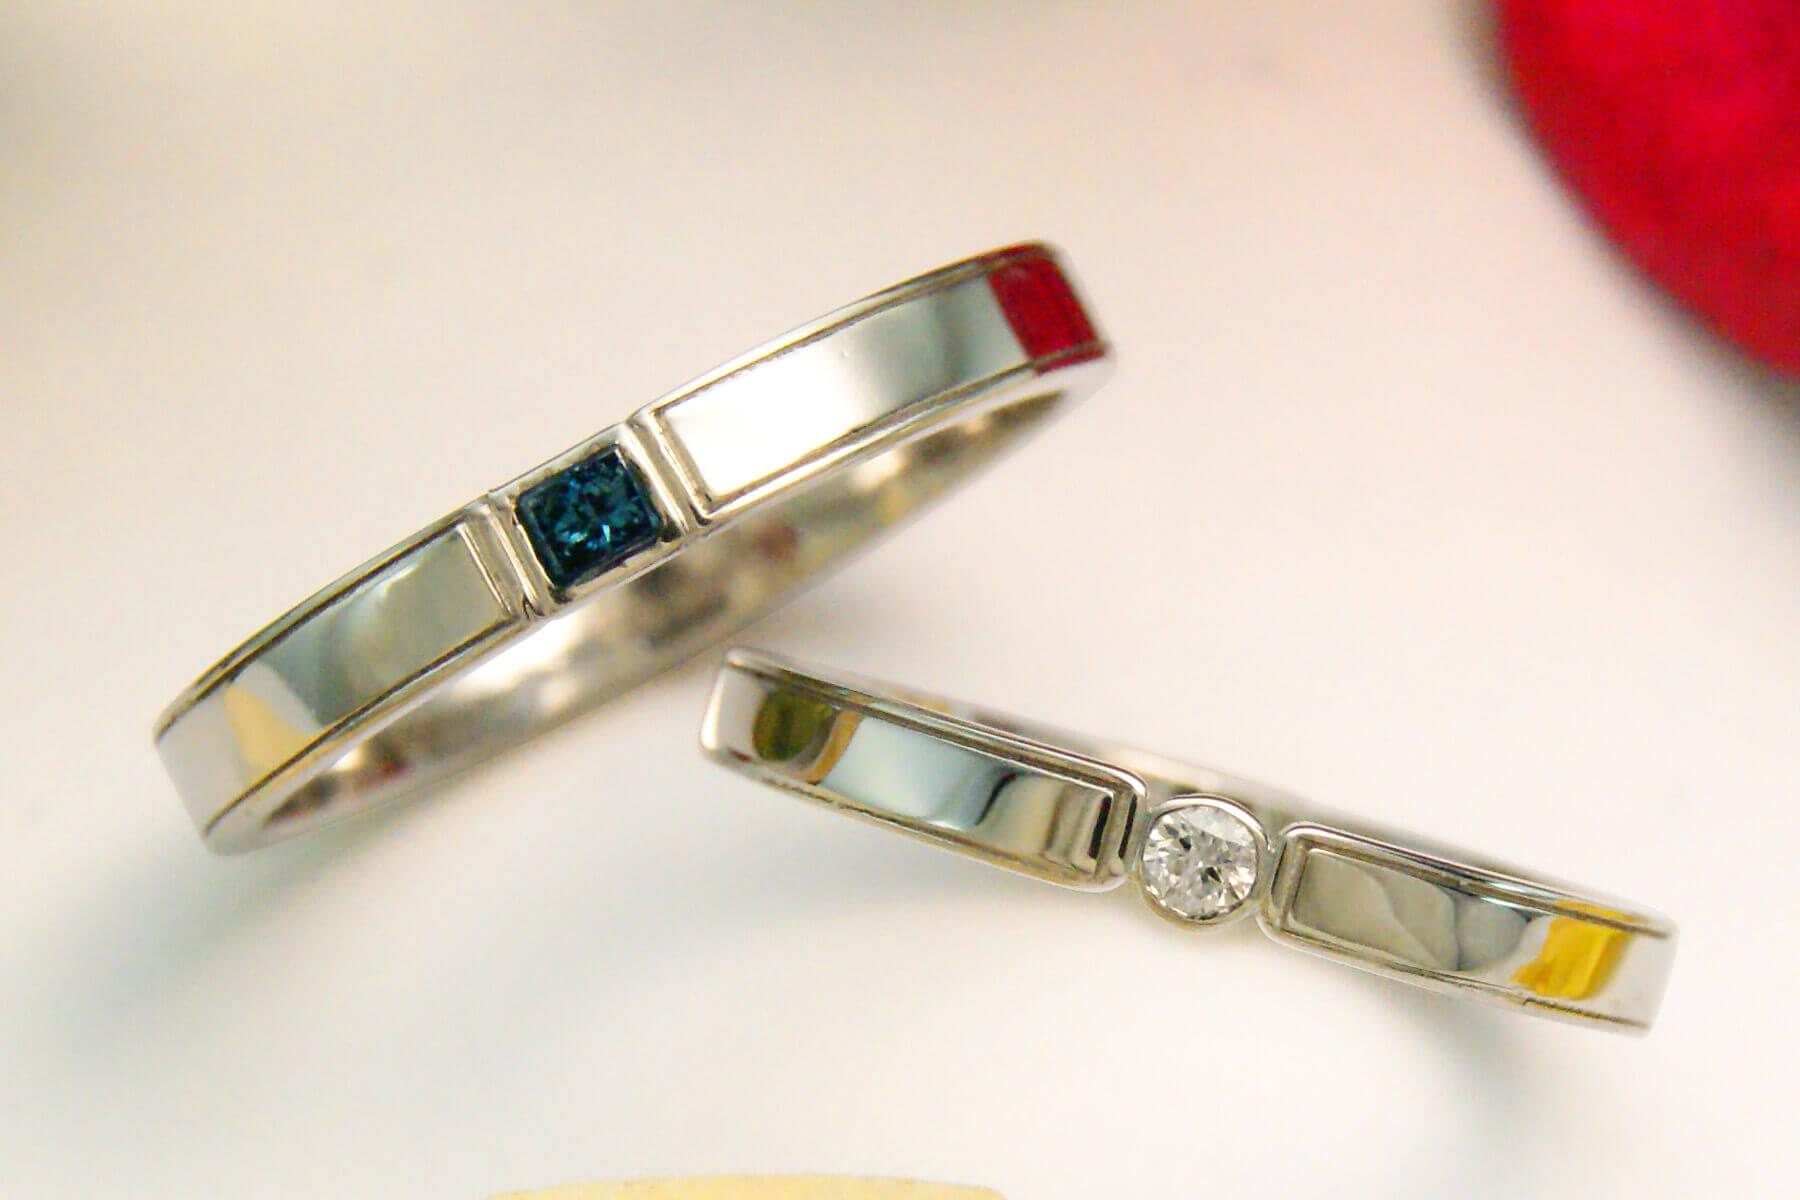 メモリアルアレンジ | 結婚指輪 | かざりやゆい | 世界に一つだけの結婚指輪「kazariya Yui」 | 福島県郡山市